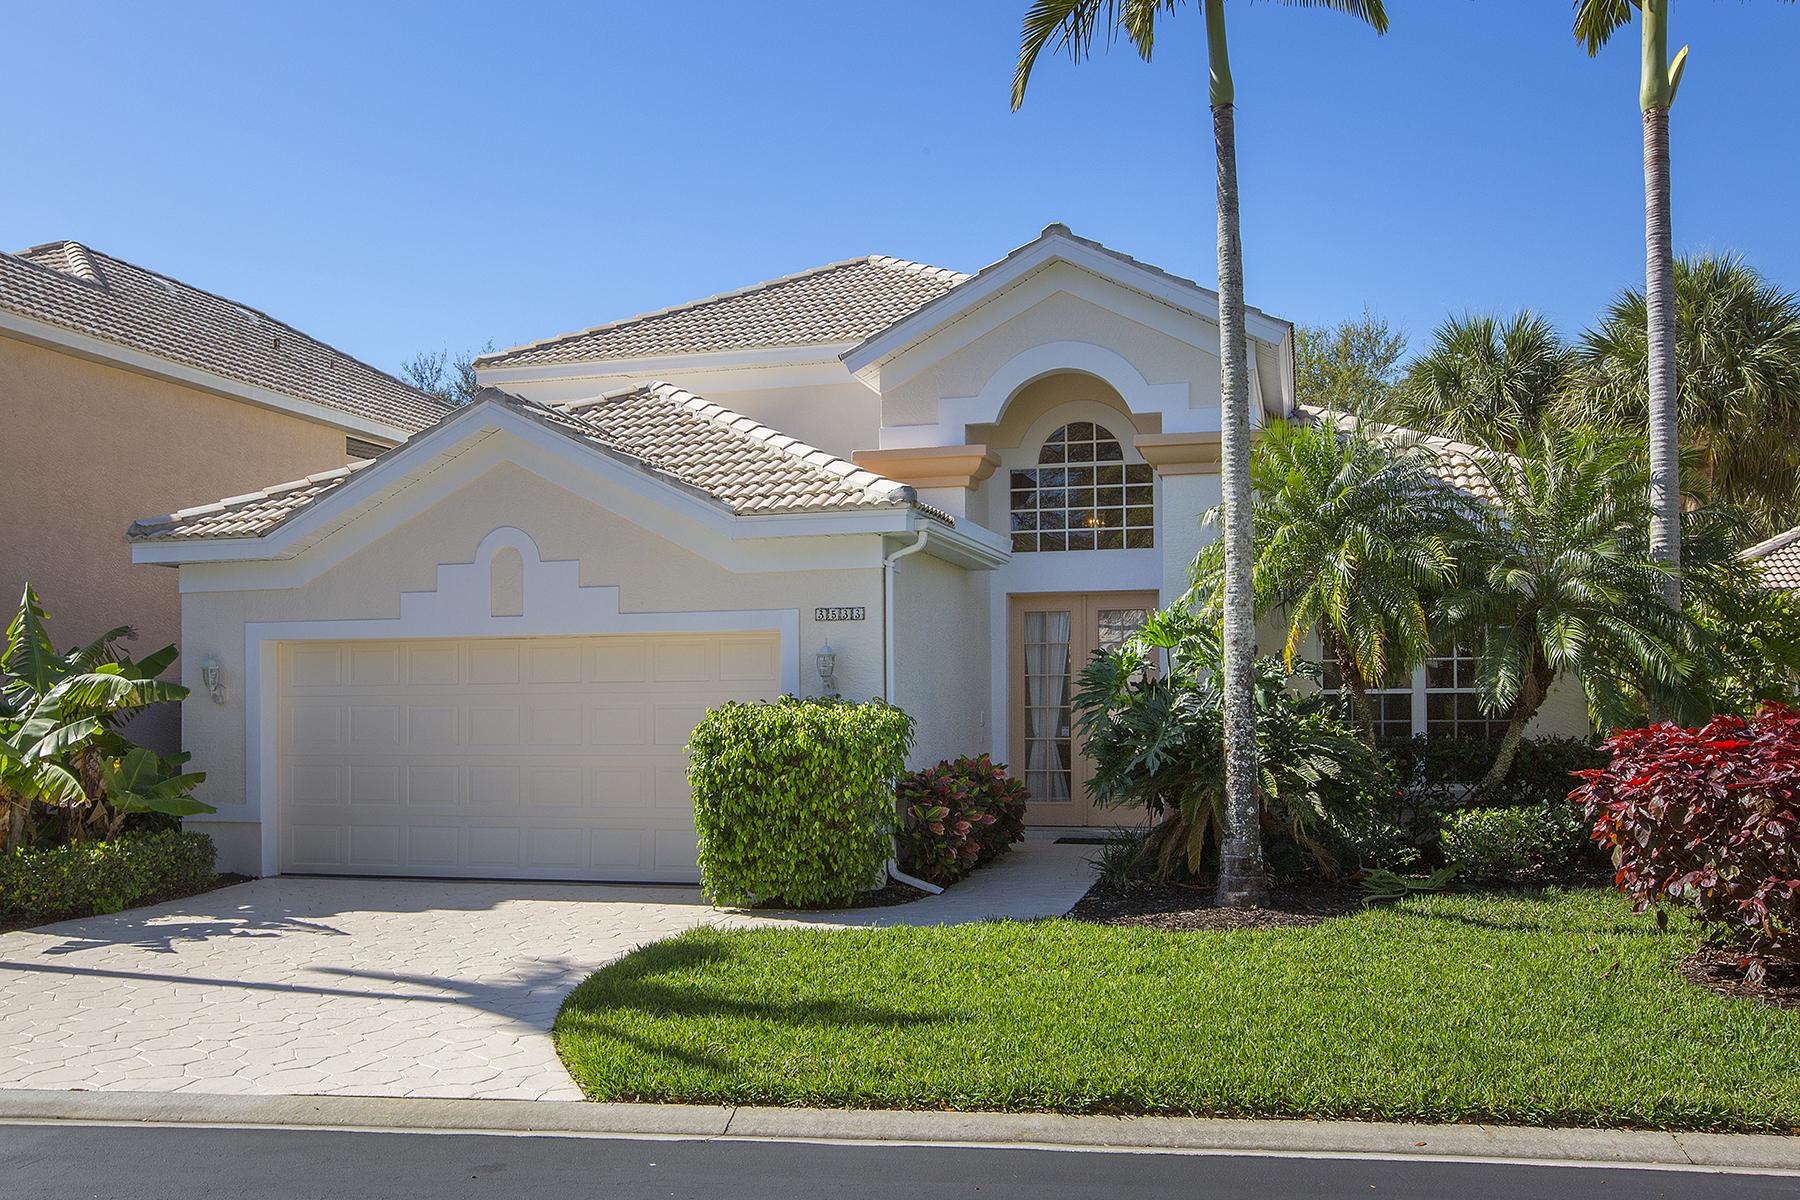 Moradia para Venda às PELICAN LANDING - HERON GLEN 3533 Heron Glen Ct Estero, Florida, 34134 Estados Unidos